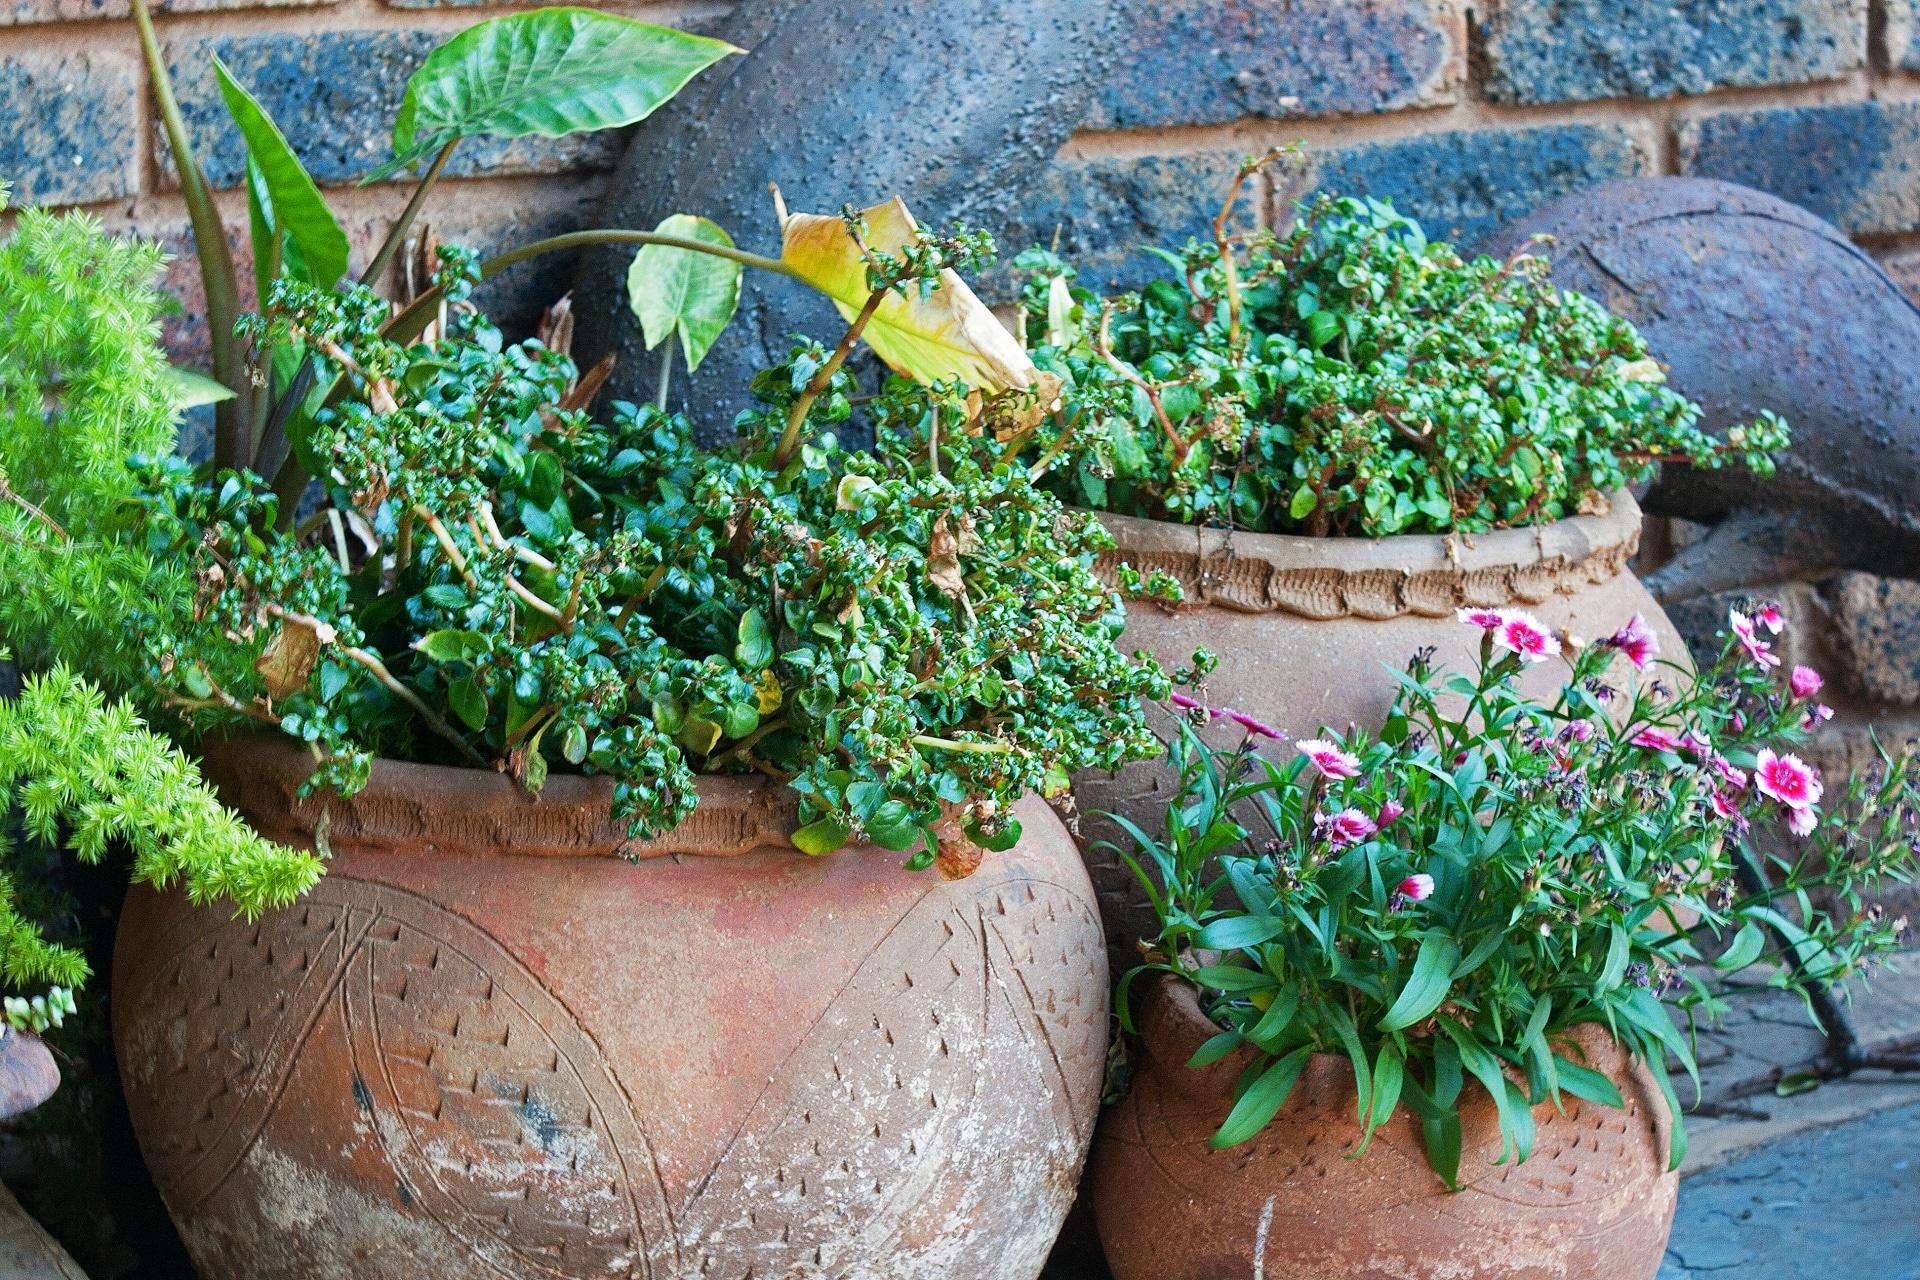 Las plantas en maceta necesitan cuidados especiales